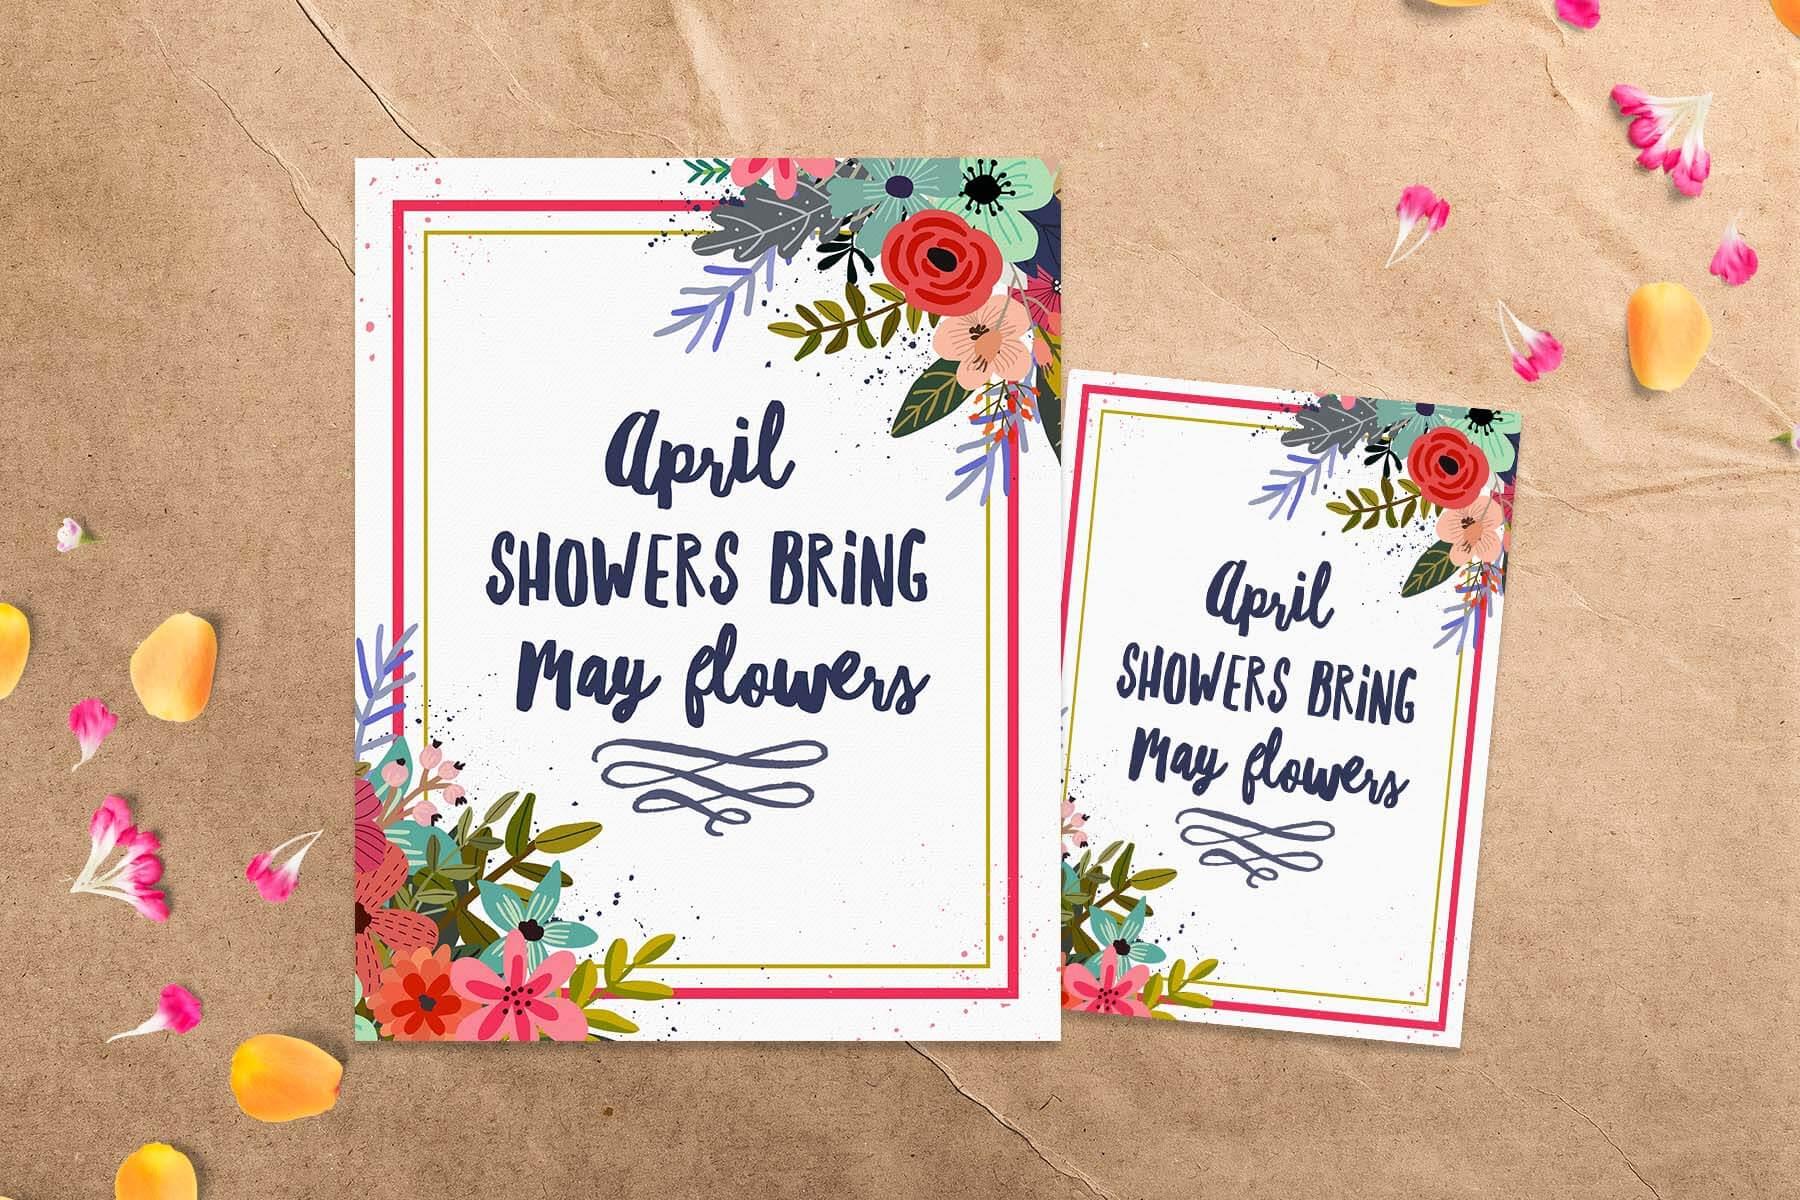 April showers bring may flowers free spring printable april showers bring may flowers free spring printable teepeegirl mightylinksfo